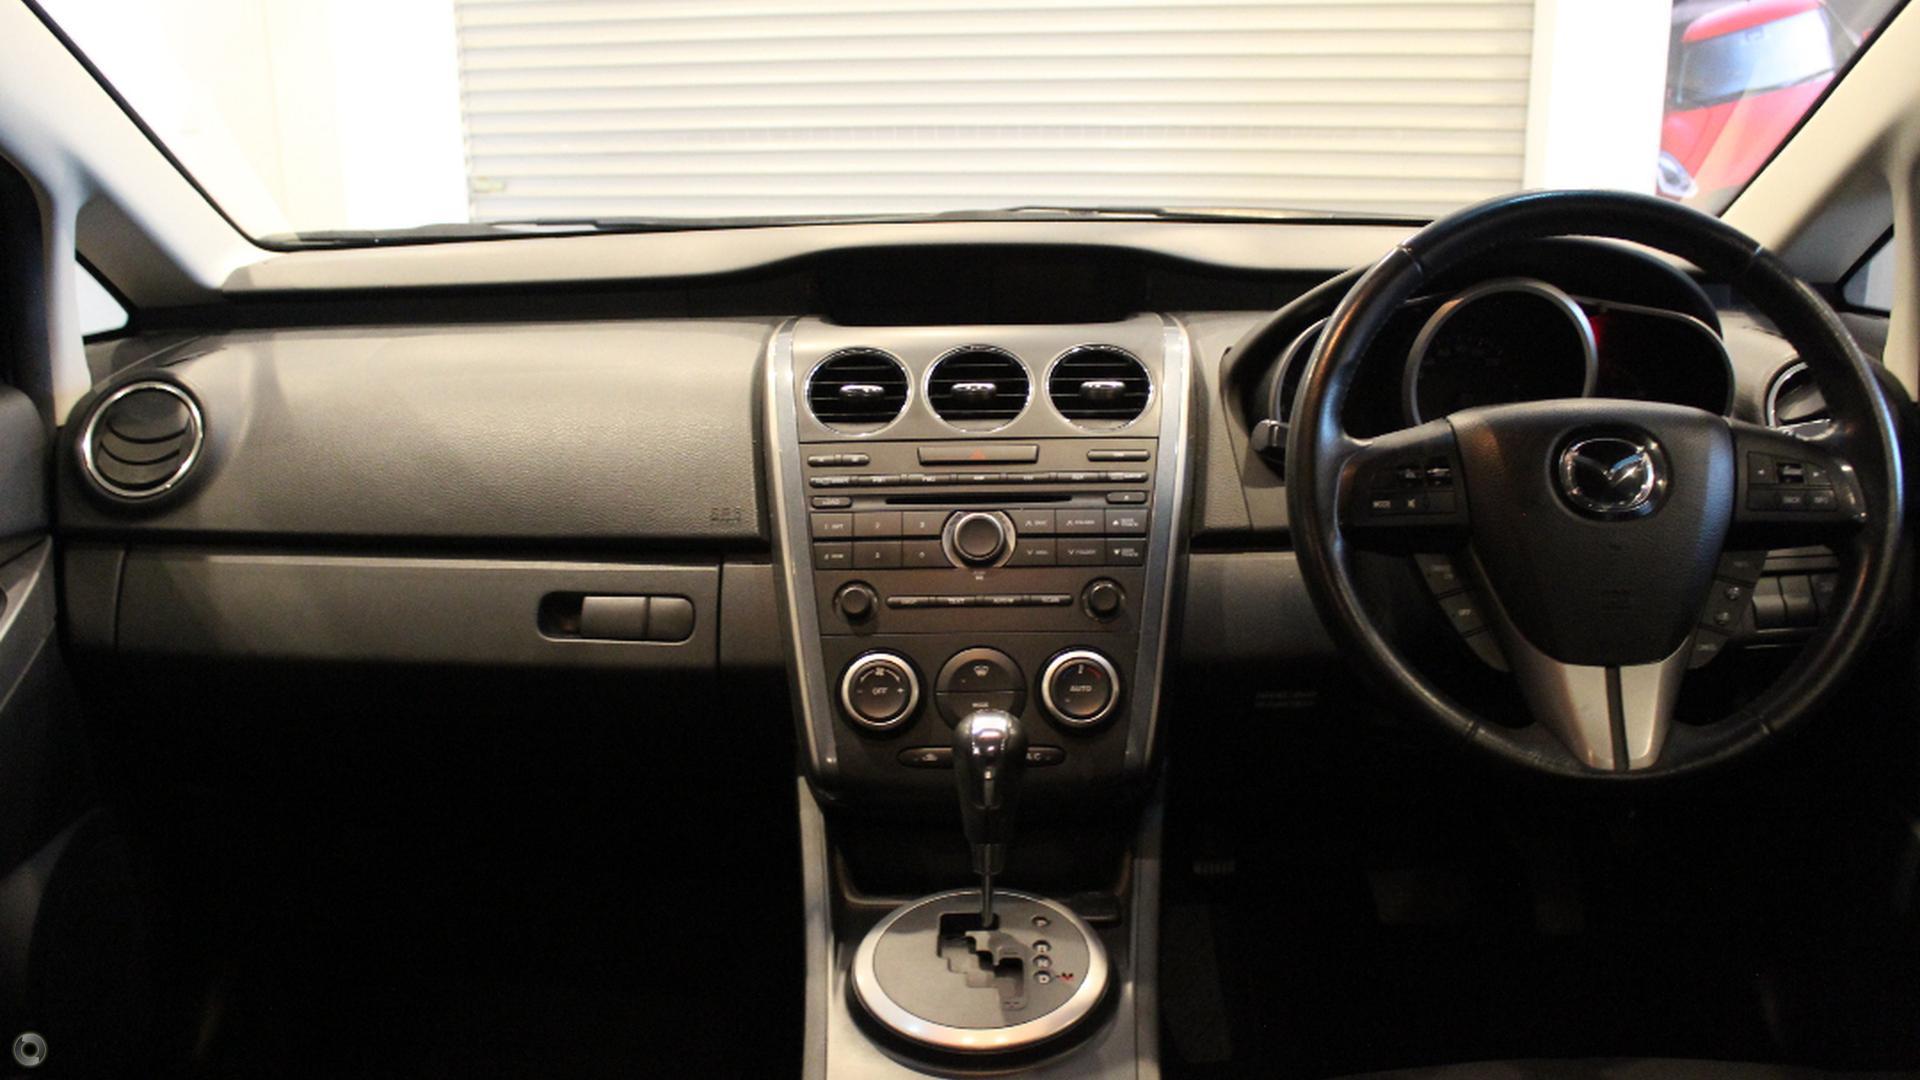 2011 Mazda Cx-7 Classic ER Series 2